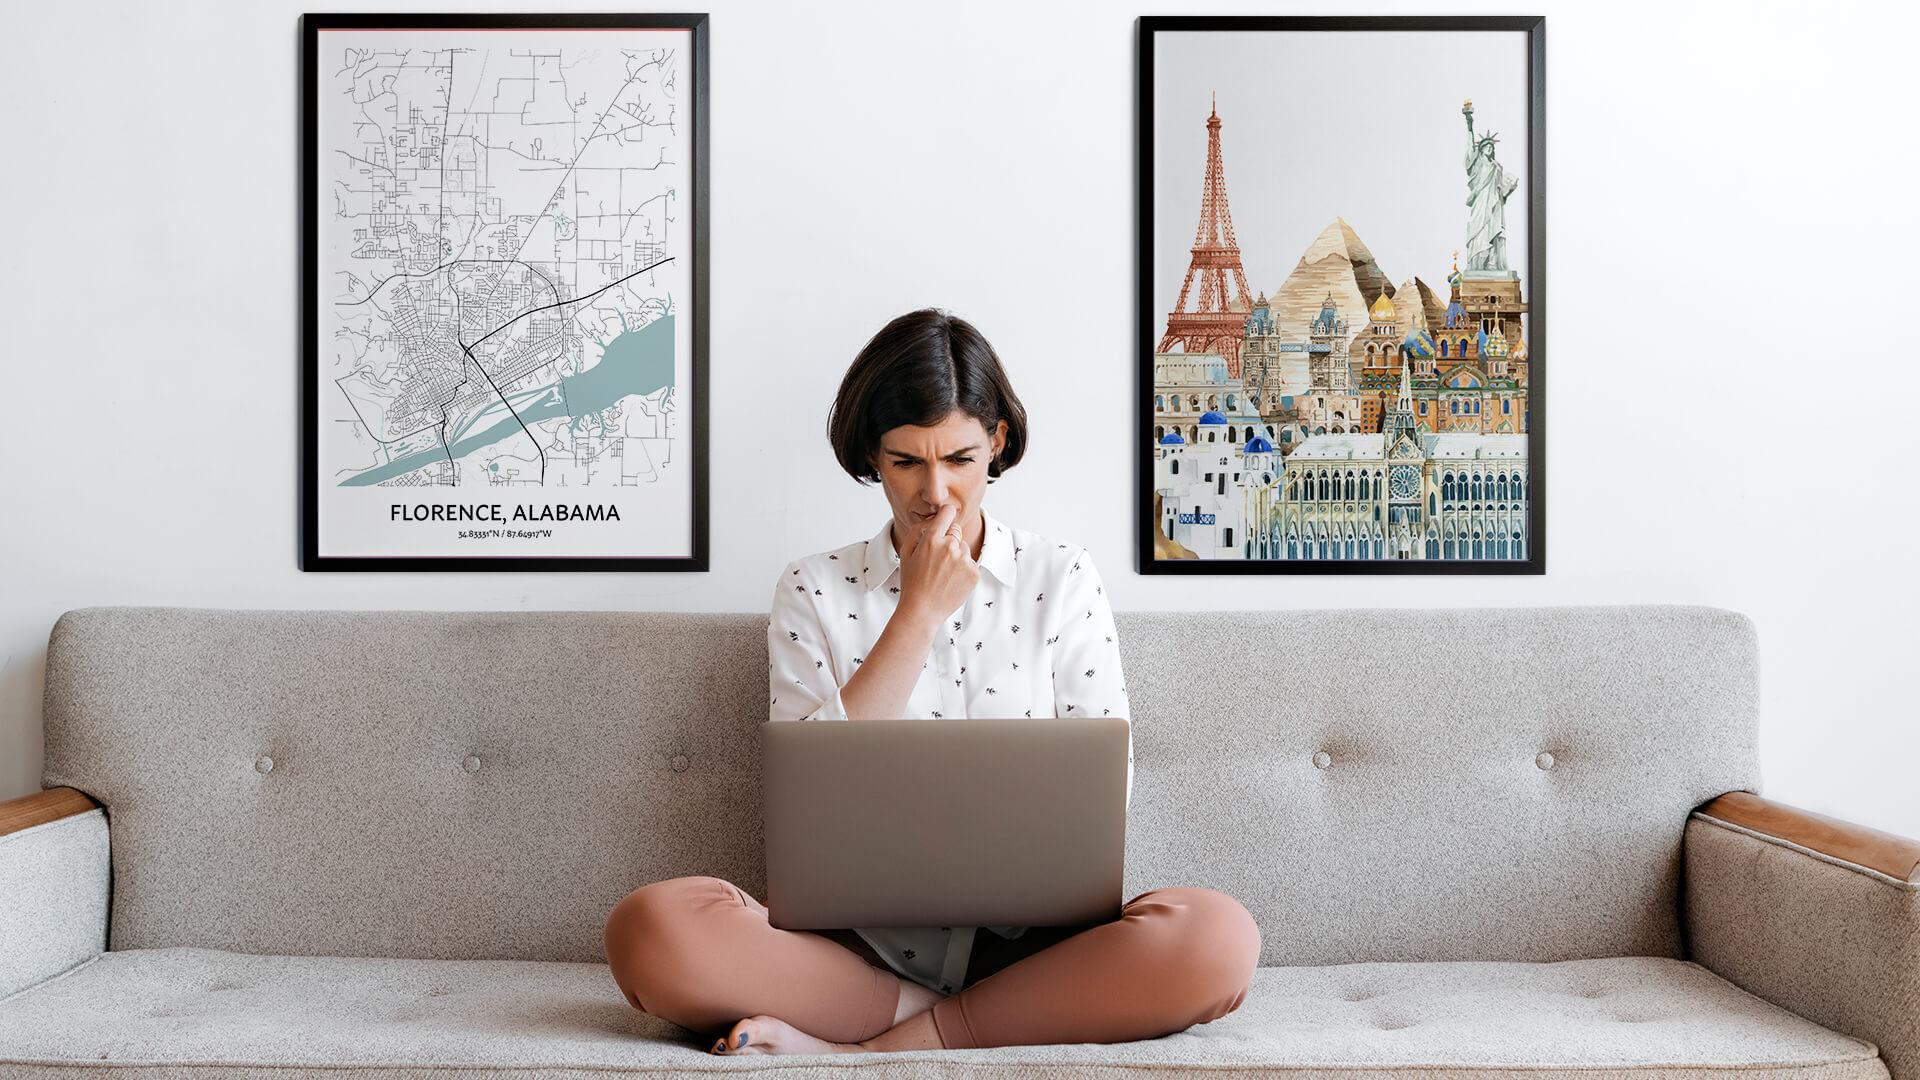 Florence Alabama city map art